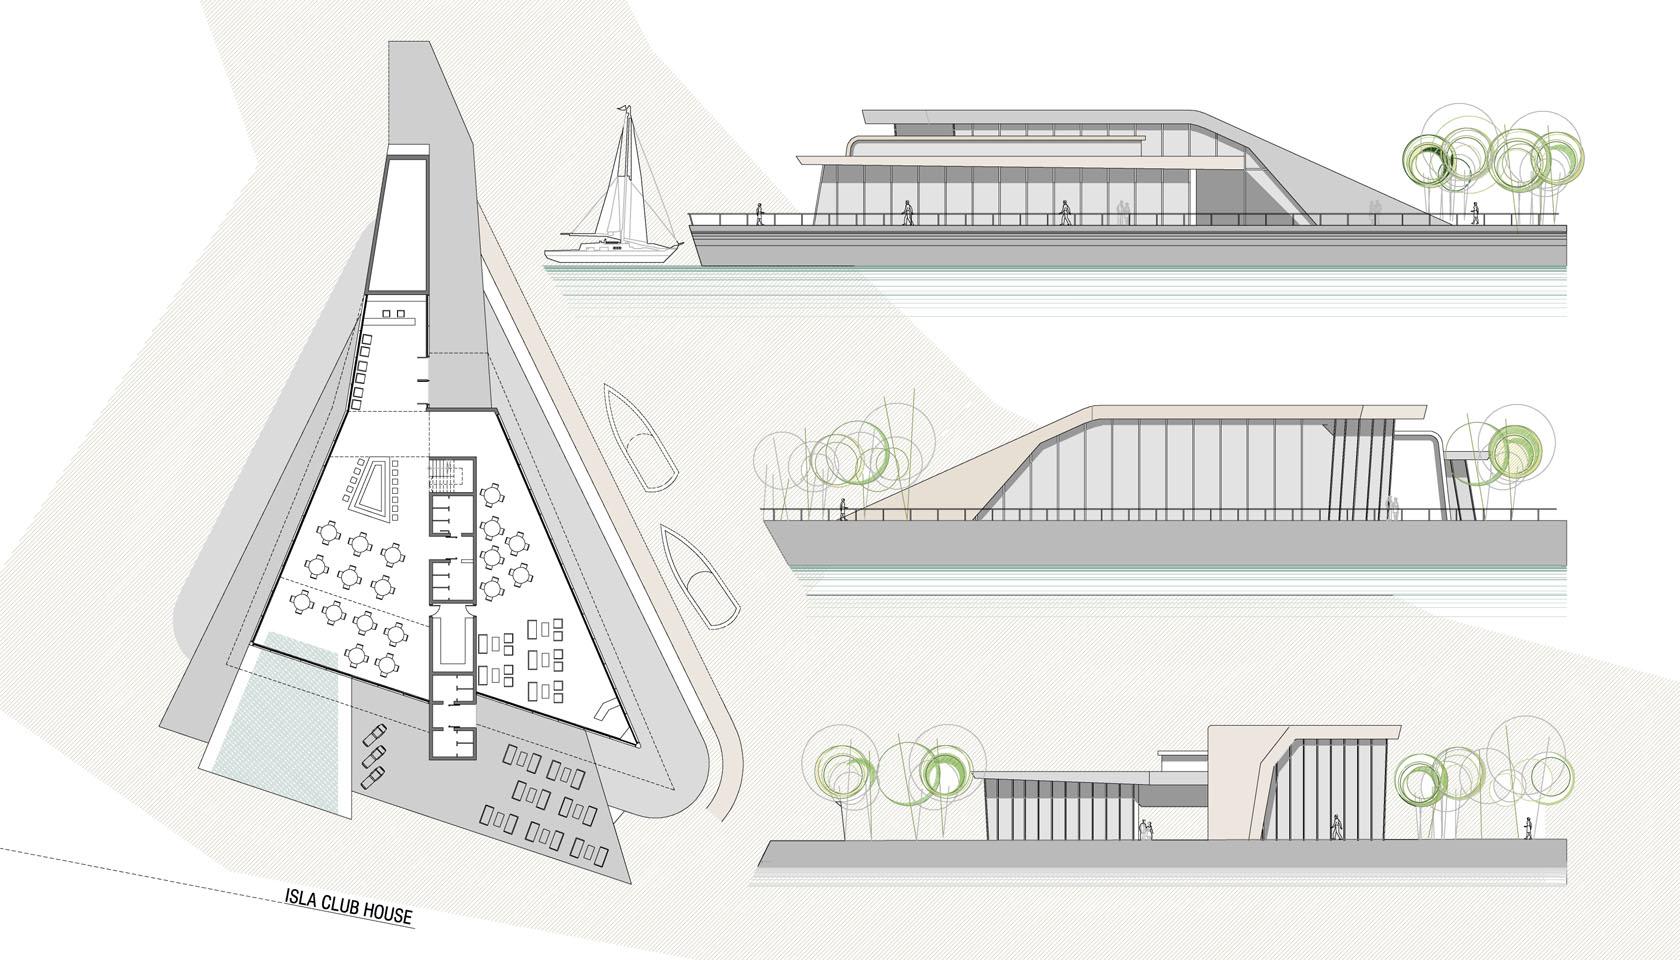 Diseño de club house modernos, arquitectura contemporánea, edificios sobre el agua